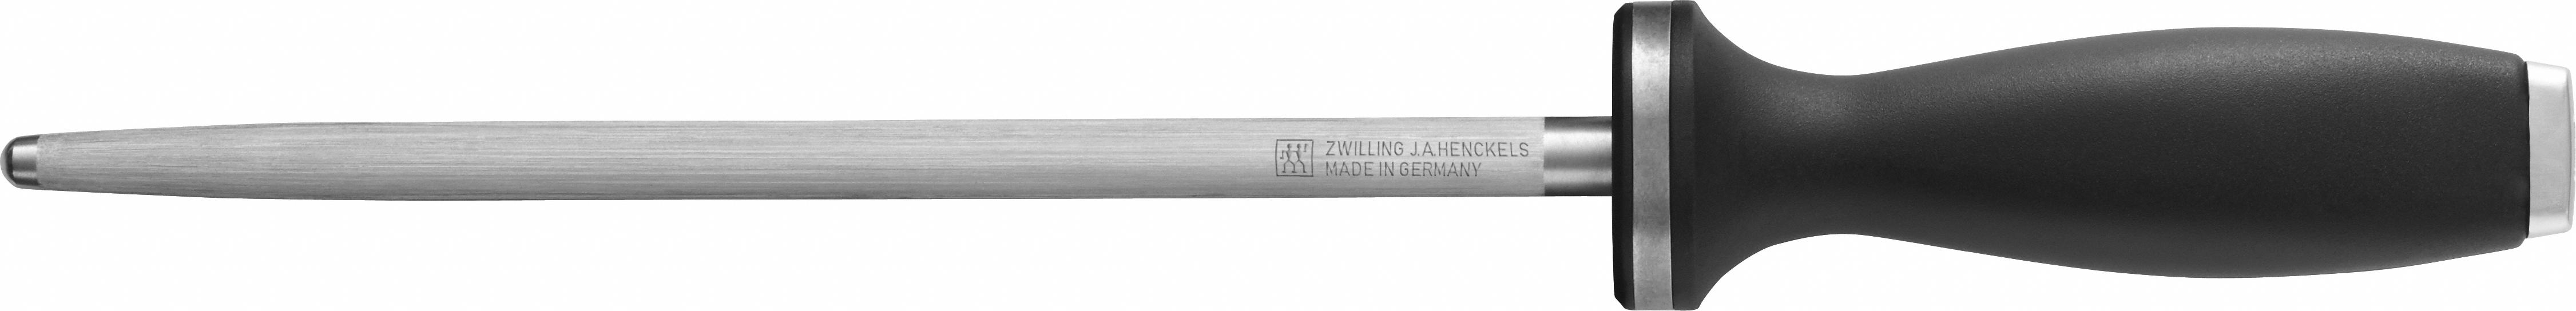 Zwilling: Wetzstahl mit Kunststoffgriff, 230mm